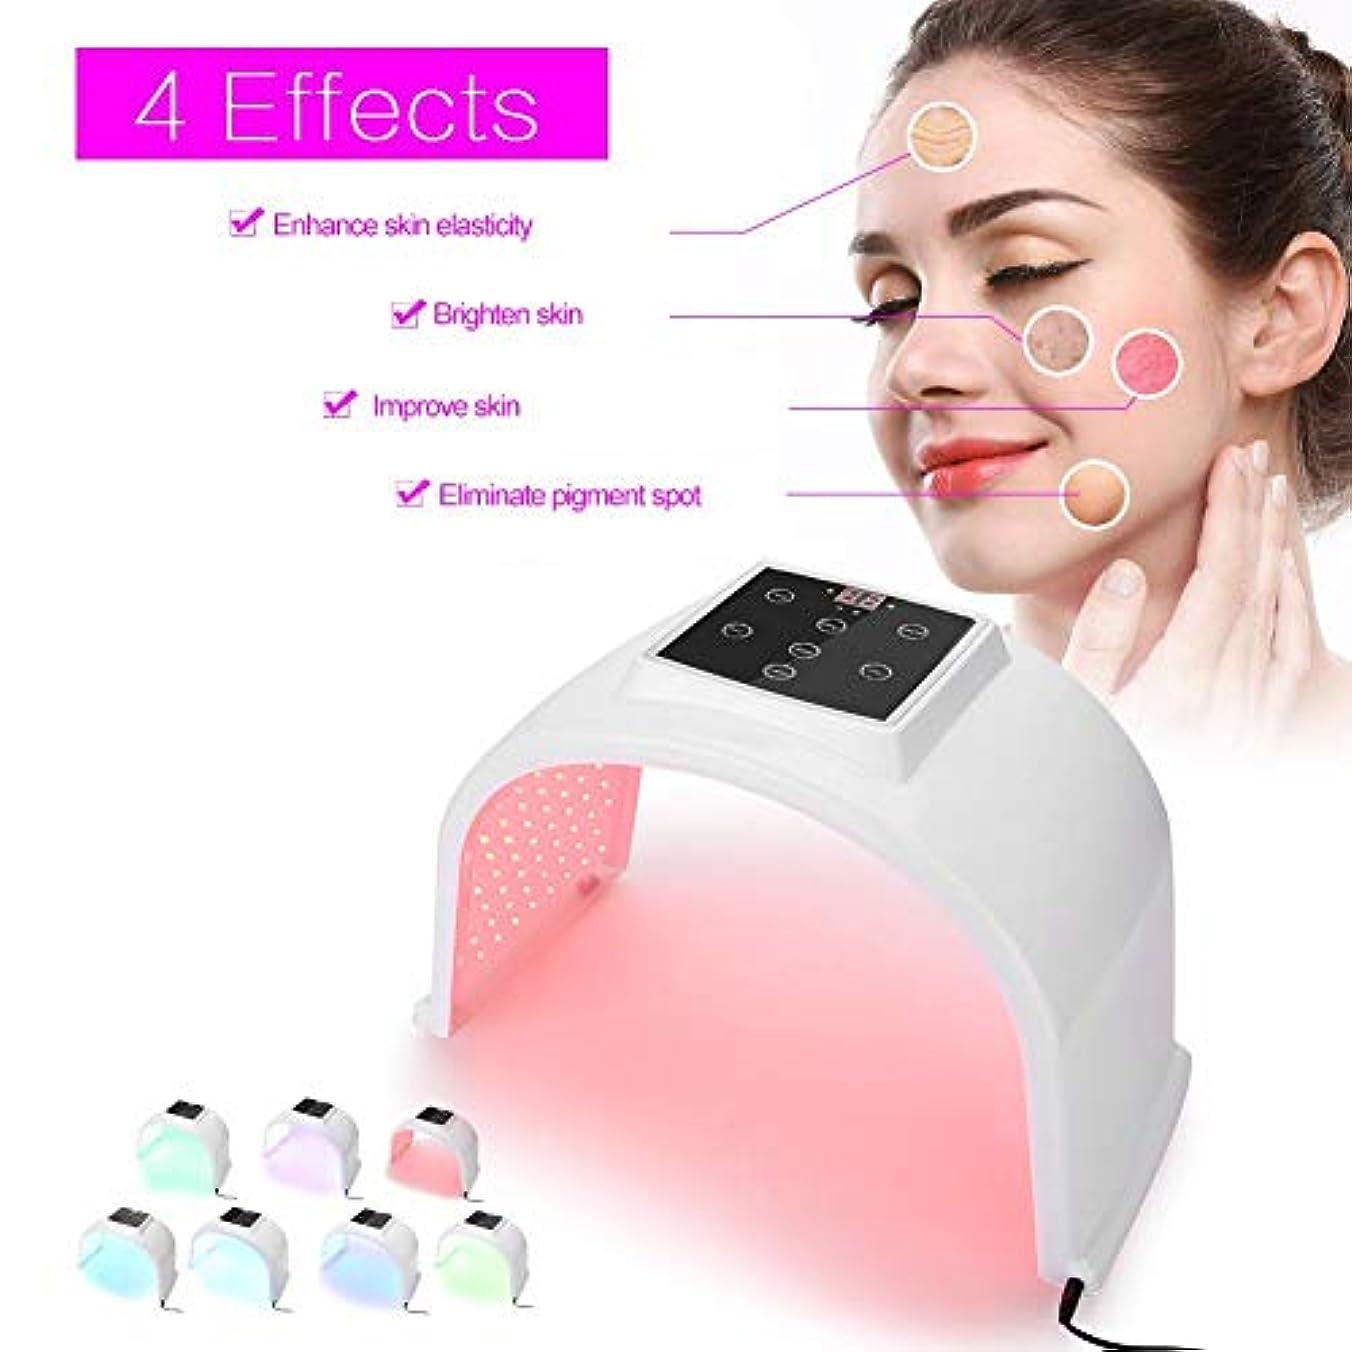 ゆるく掃除イチゴSimlug 7色PDT皮膚若返りマシン、PDT再生美容セラピーマシン-ゴミの山ではなく、本当に良質の製品(US)